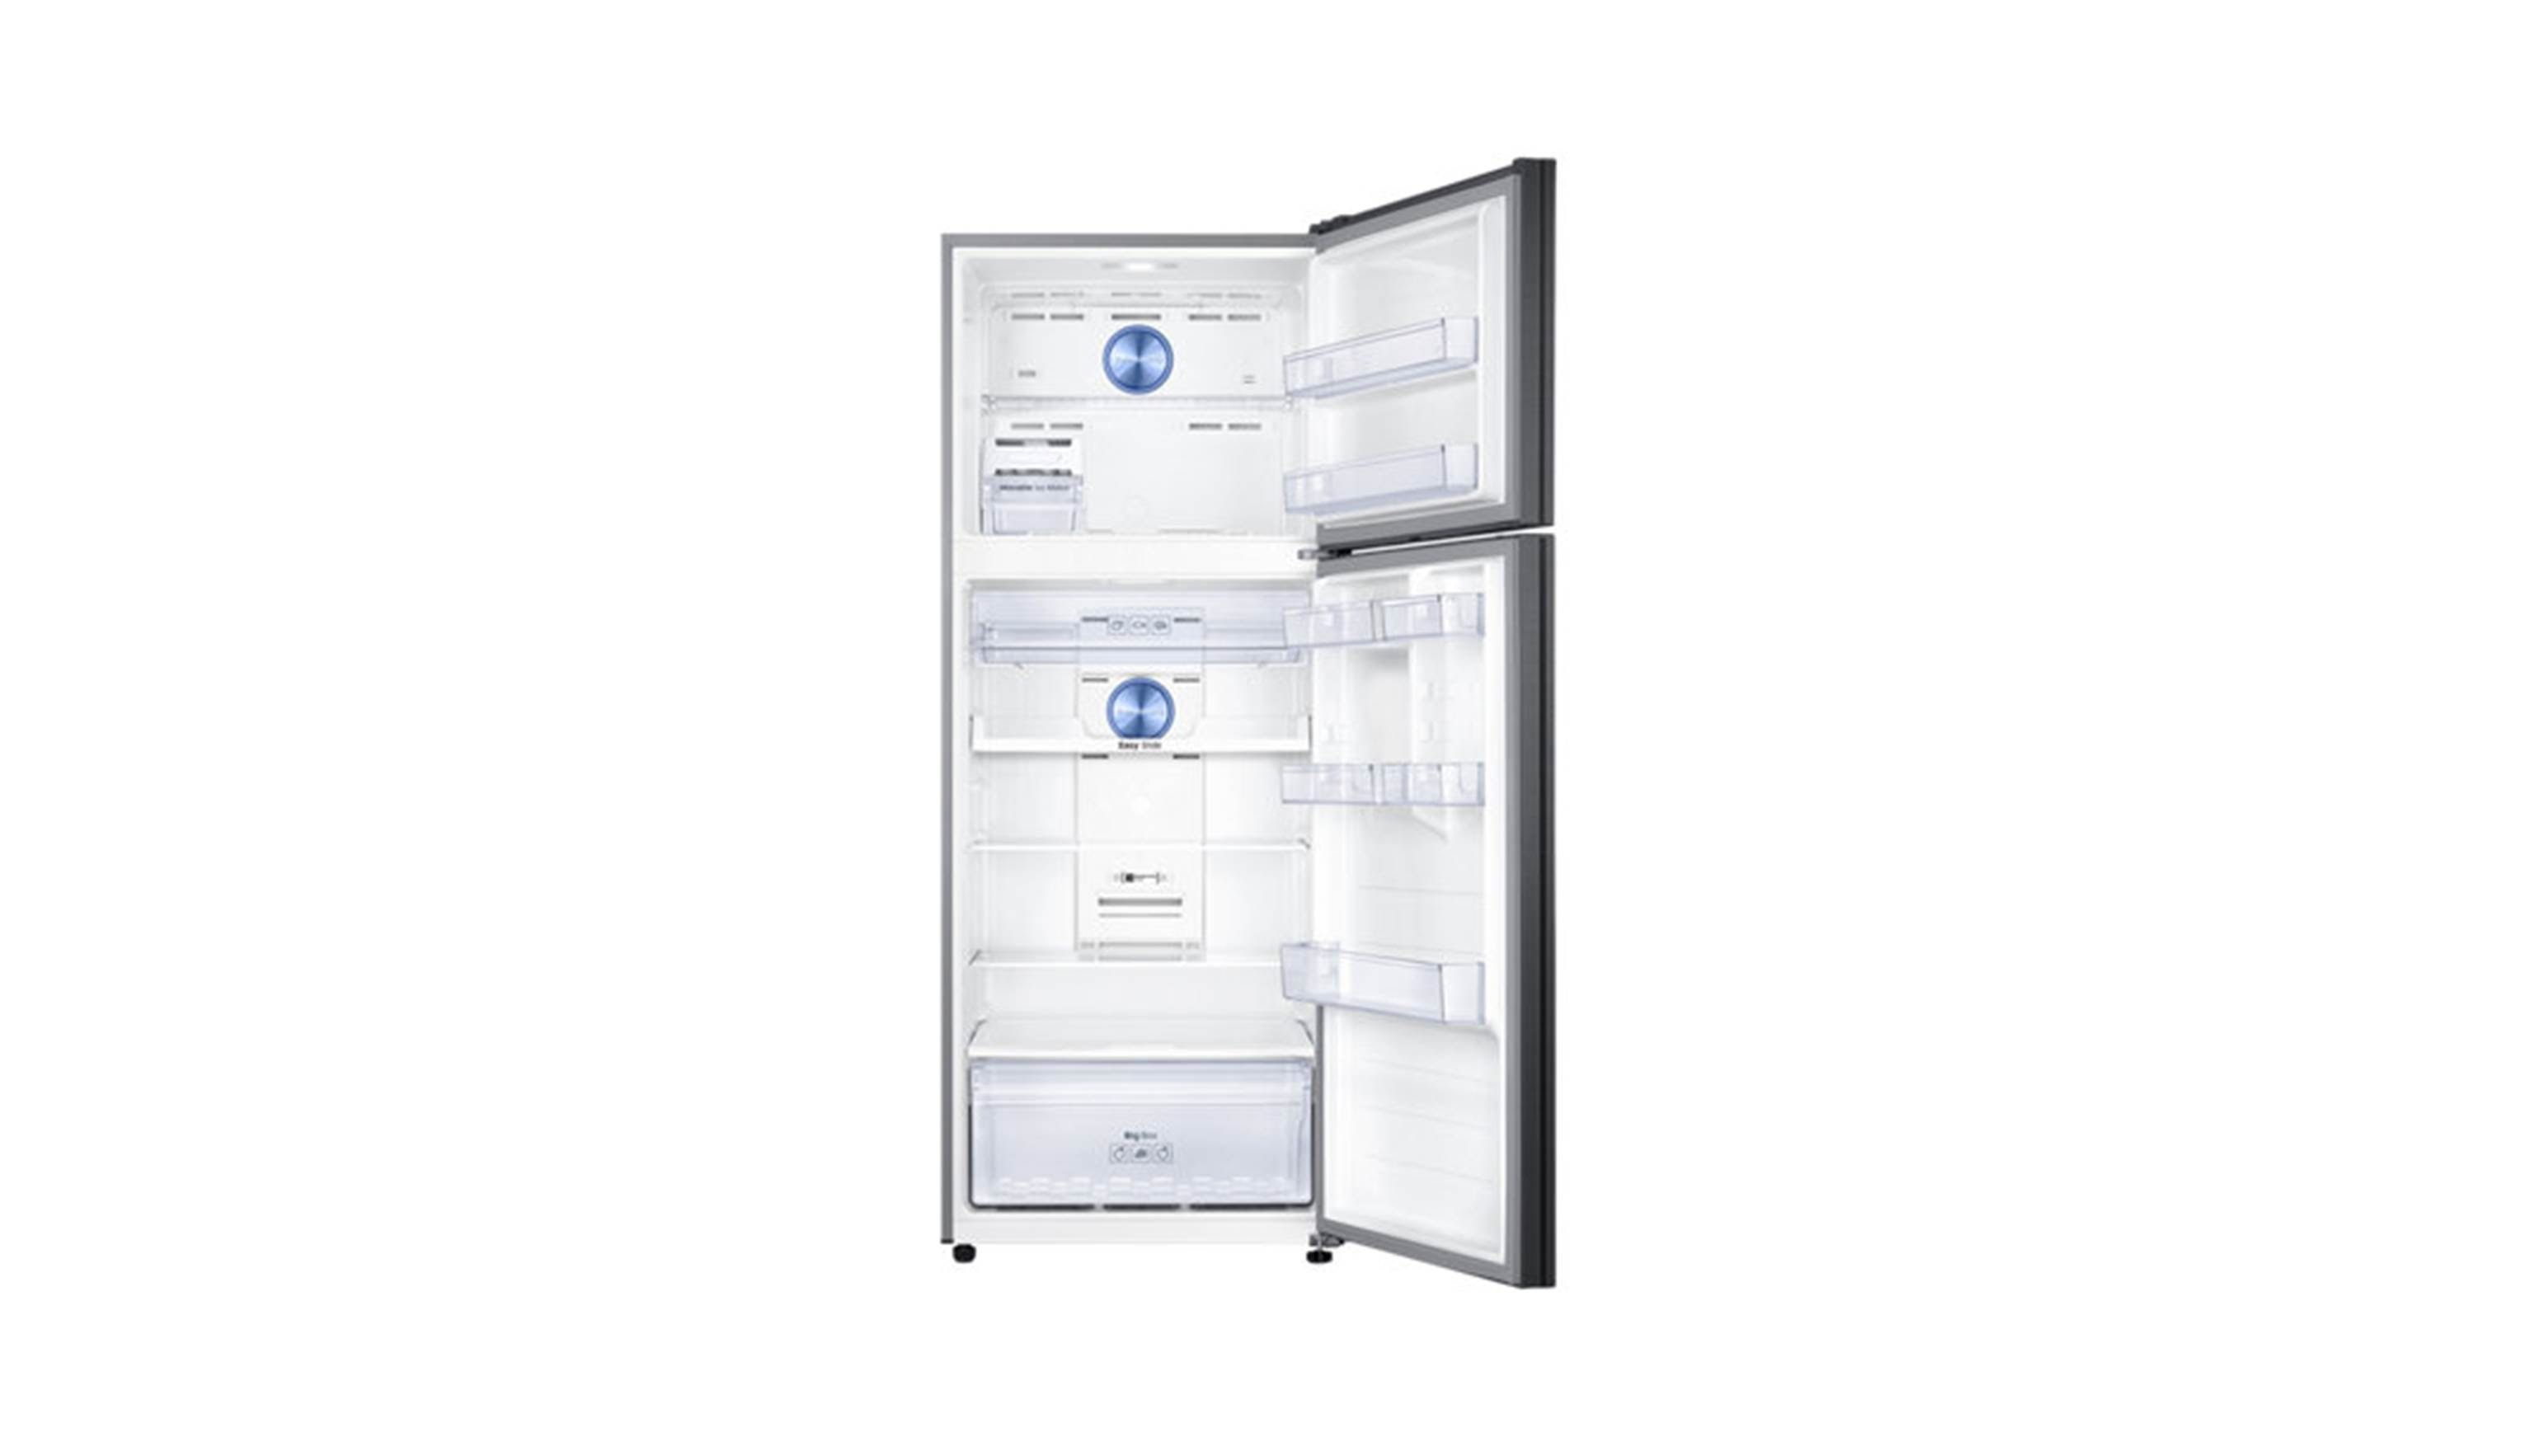 Samsung RT46K6237BSSS 2 Door Refrigerator - Black (2)